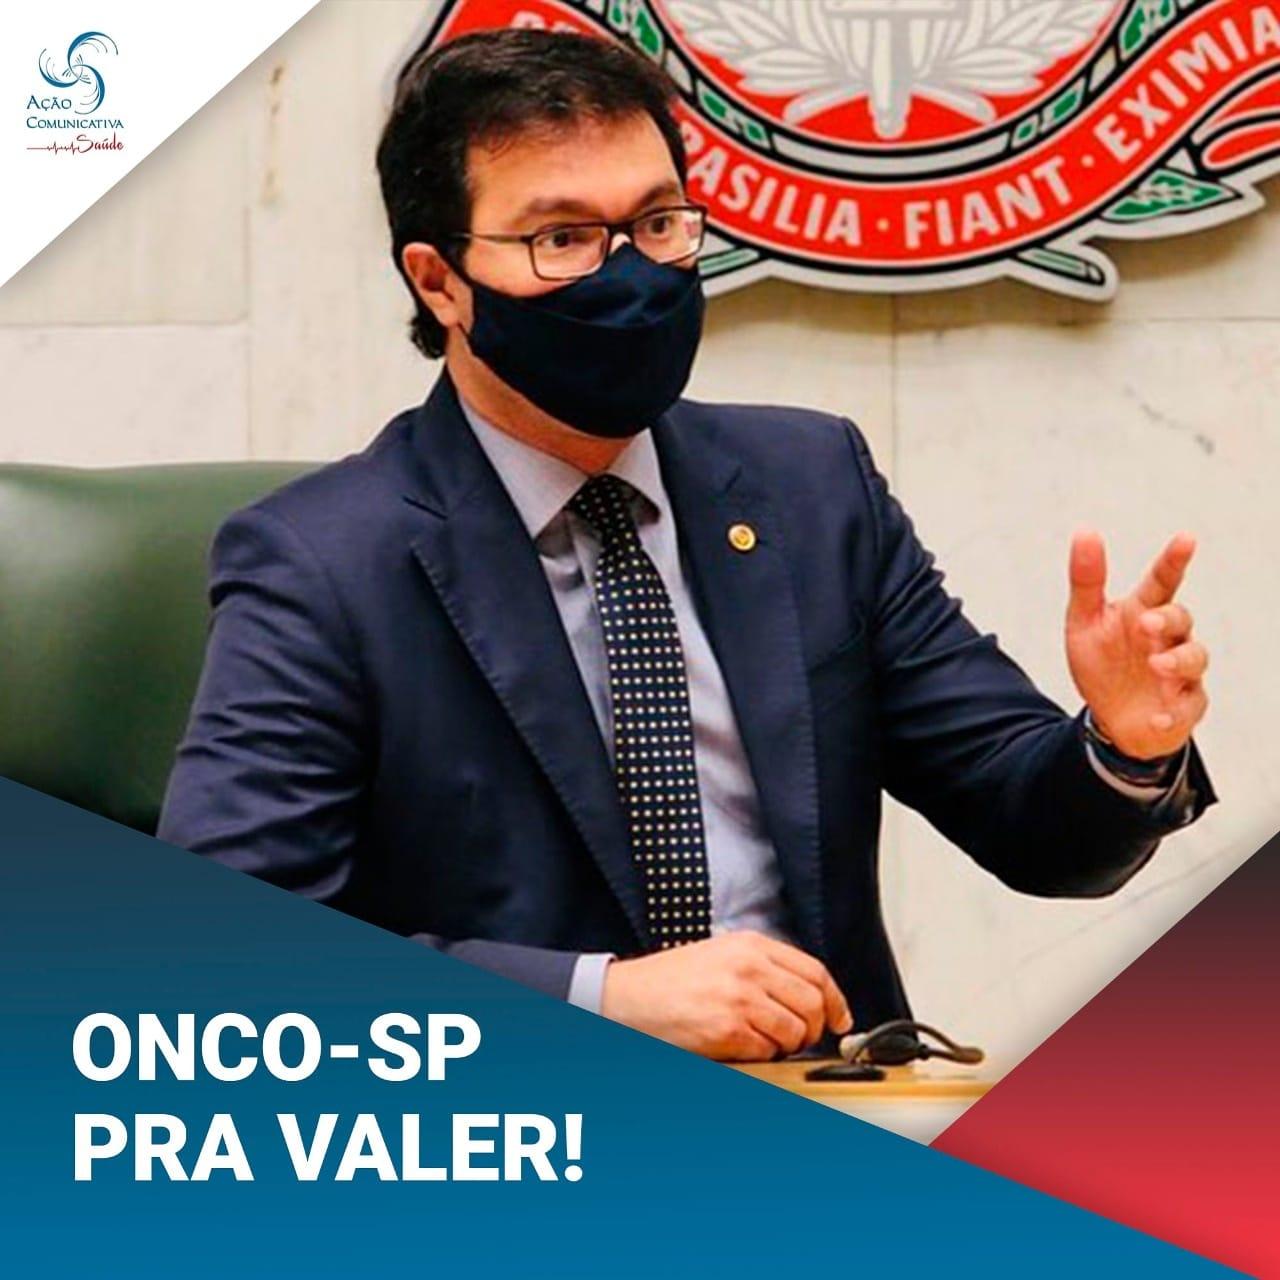 onco-sp-pra-valer-programa-de-combate-ao-c-ncer - Acao Comunicativa